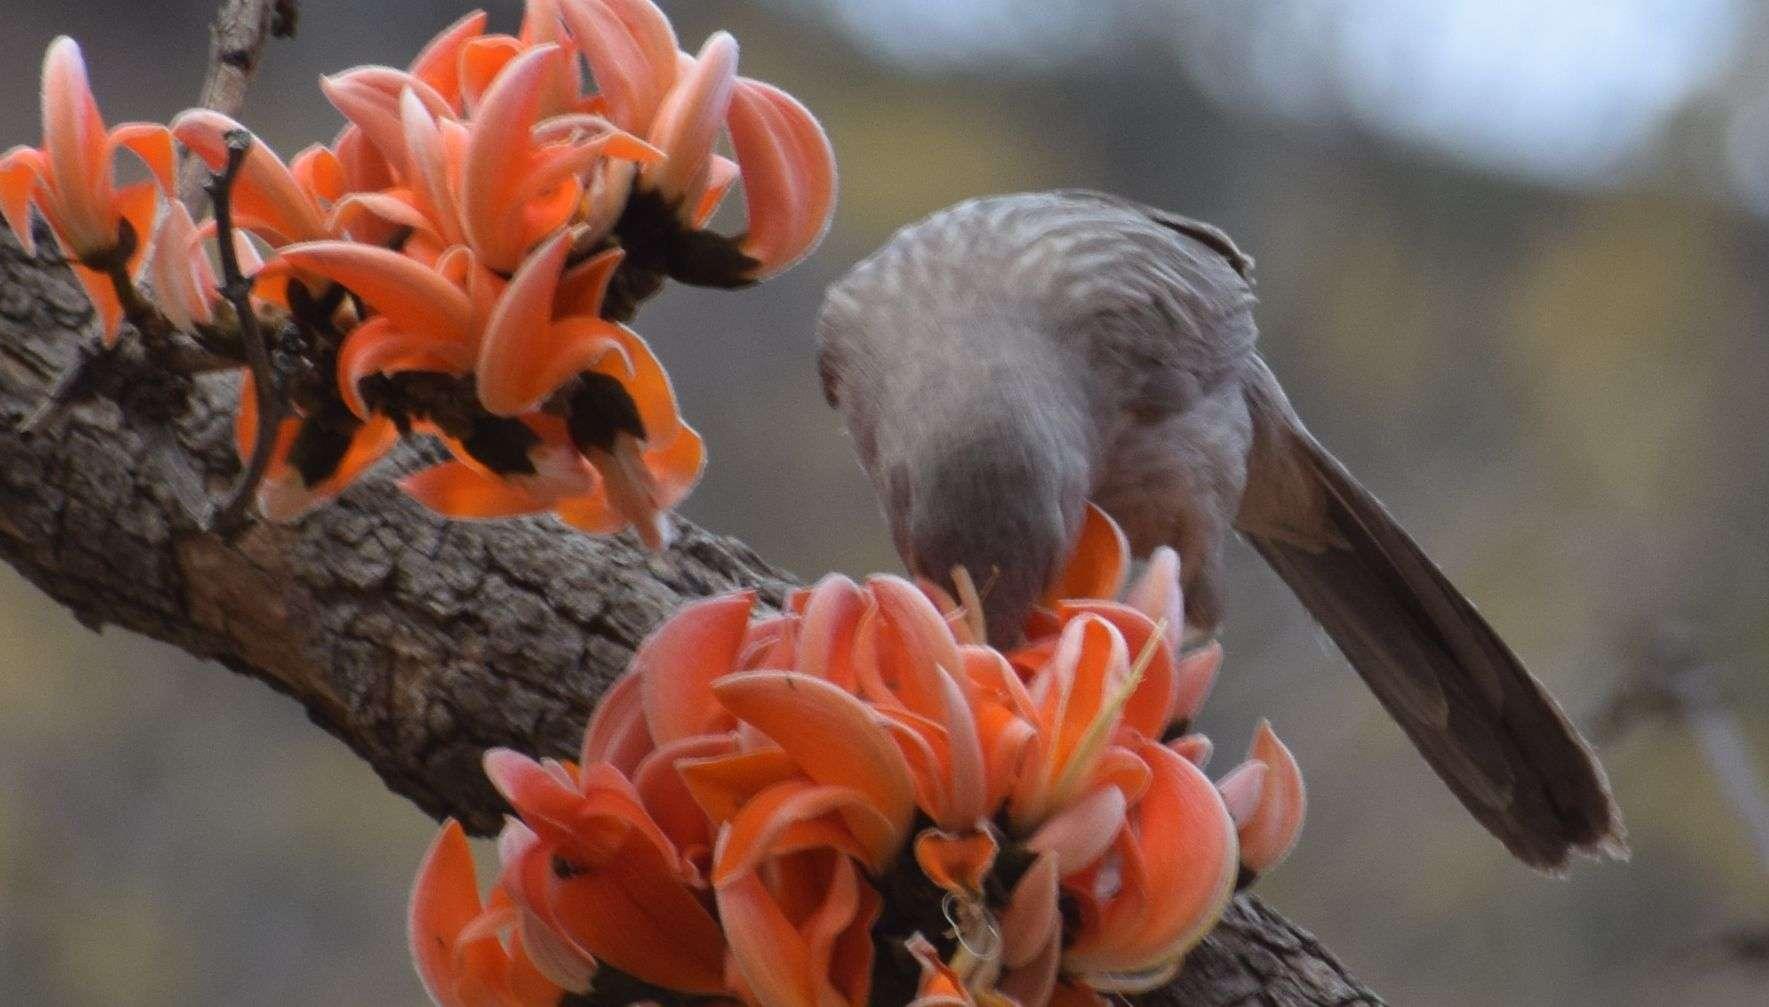 Palash Flowers In Alwar - अलवर में खिल रहे पलाश के फूल, लग ... Palash Flower In Hindi